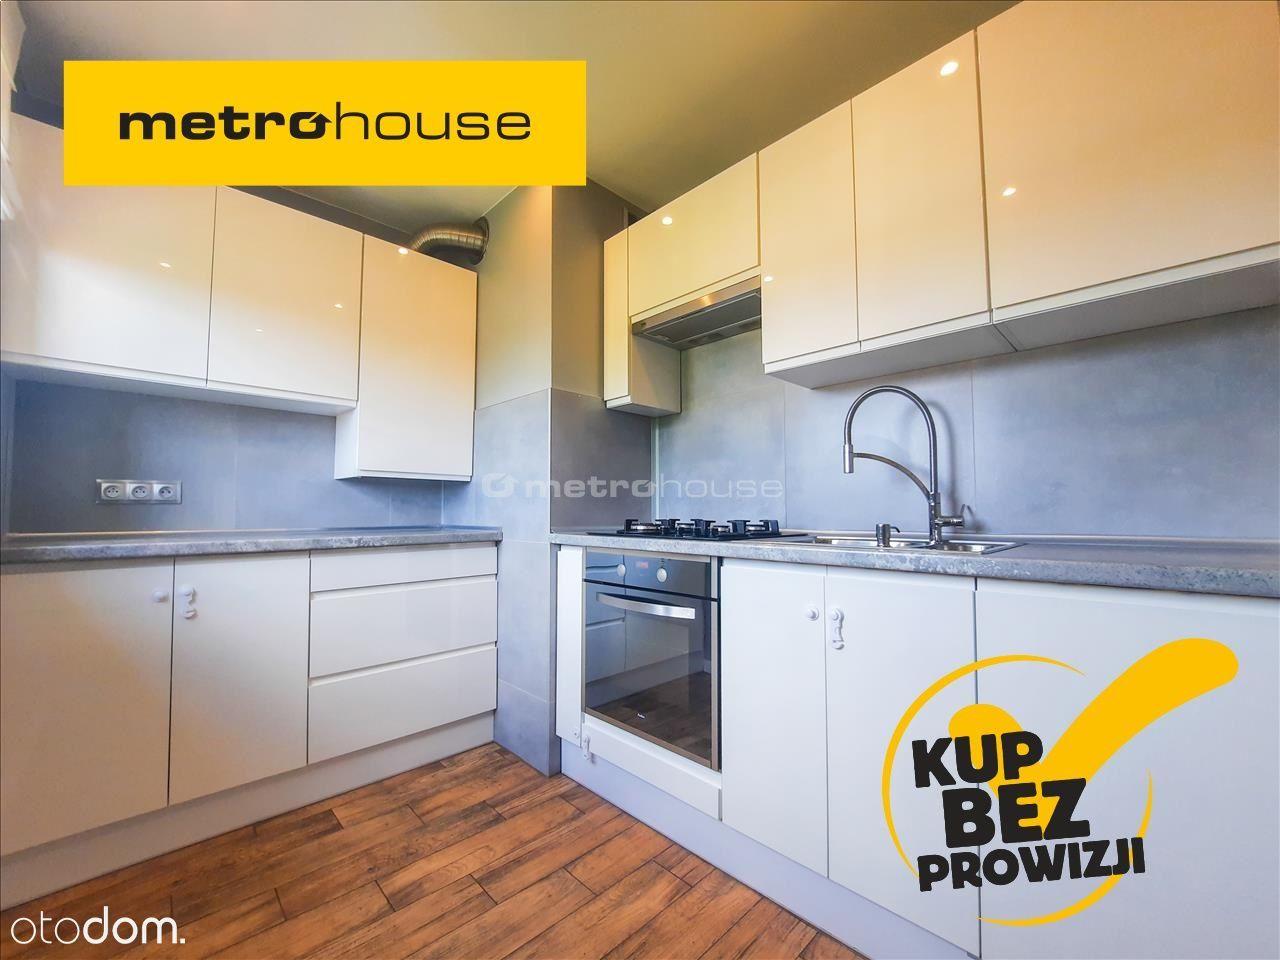 Nowa Cena - Wyjątkowe mieszkanie 43 m2 Centrum